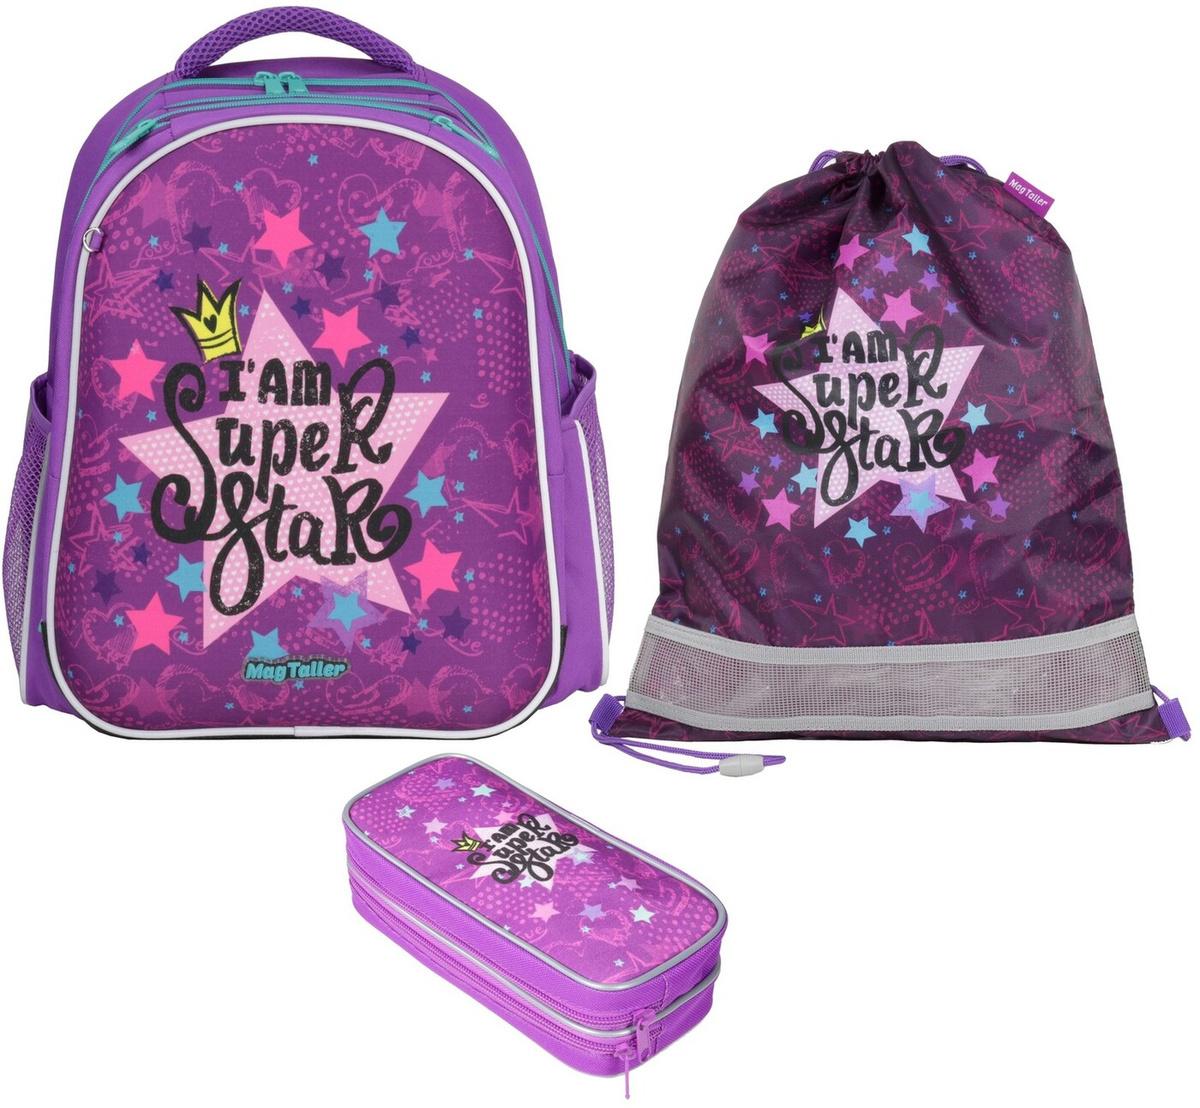 Рюкзак школьный Magtaller Stoody II, Super Star с наполнением #1